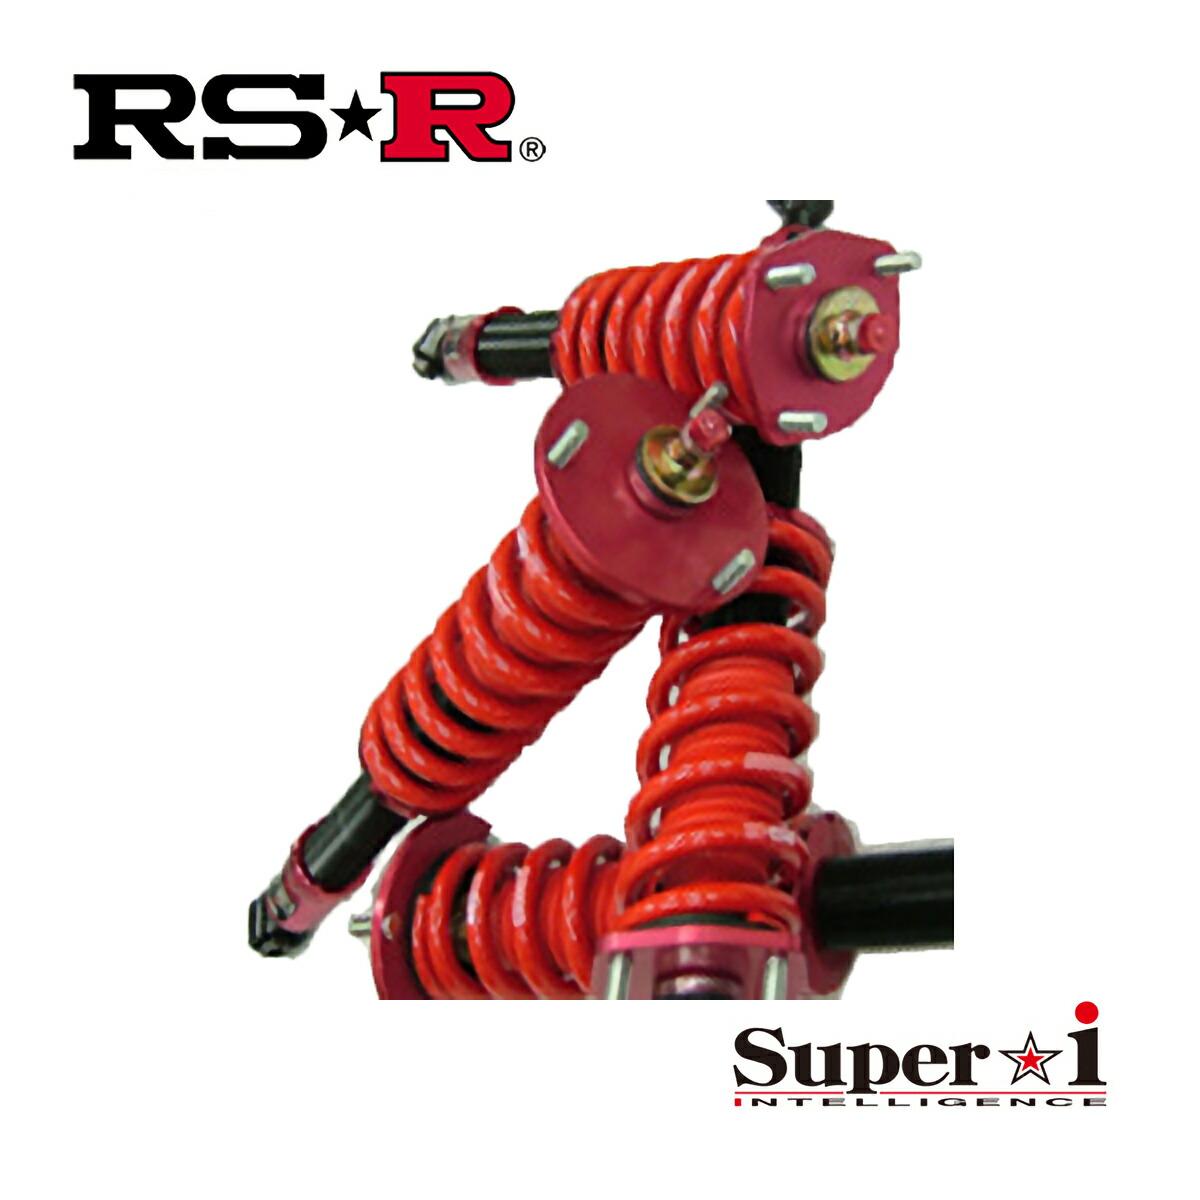 RS-R クラウンハイブリッド RSアドバンス AZSH20 車高調 リア車高調整:ネジ式/ソフトバネレート仕様 SIT967S スーパーi RSR 条件付き送料無料